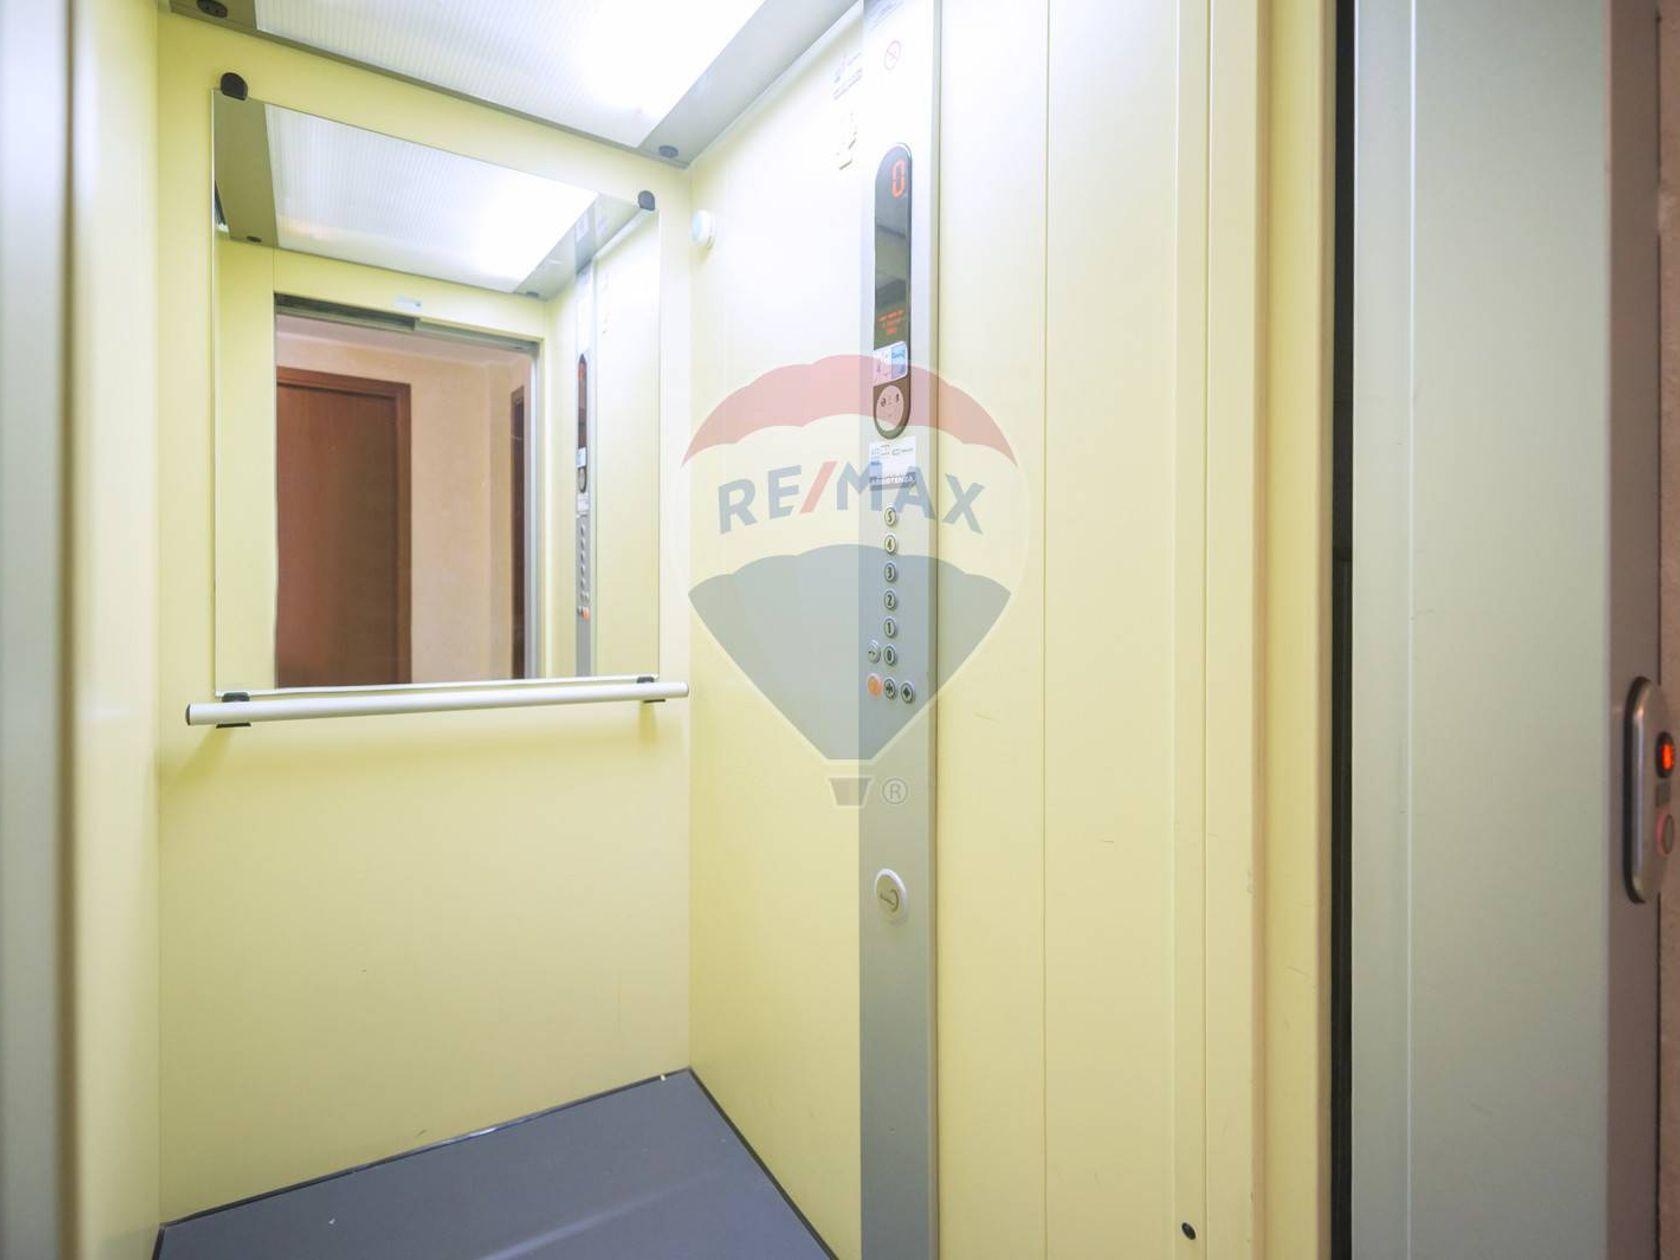 Appartamento Madonna delle Piane, Chieti, CH Vendita - Foto 6